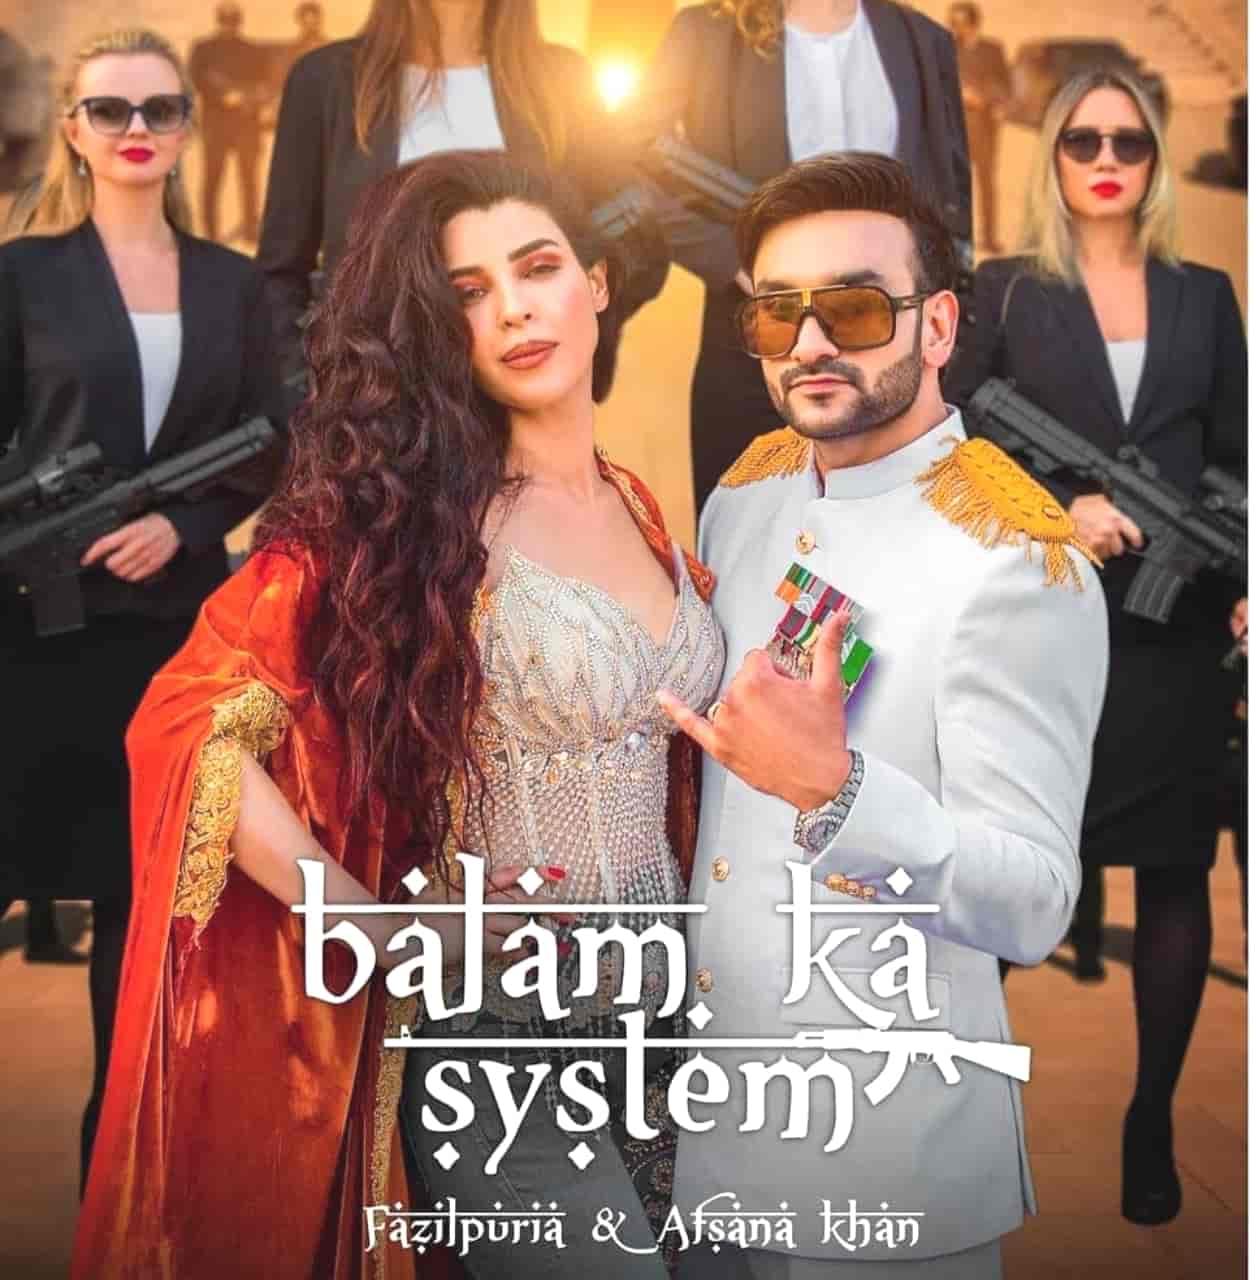 Balam Ka System Haryanvi Rap Song Image Features Fazilpuria and Afsana Khan